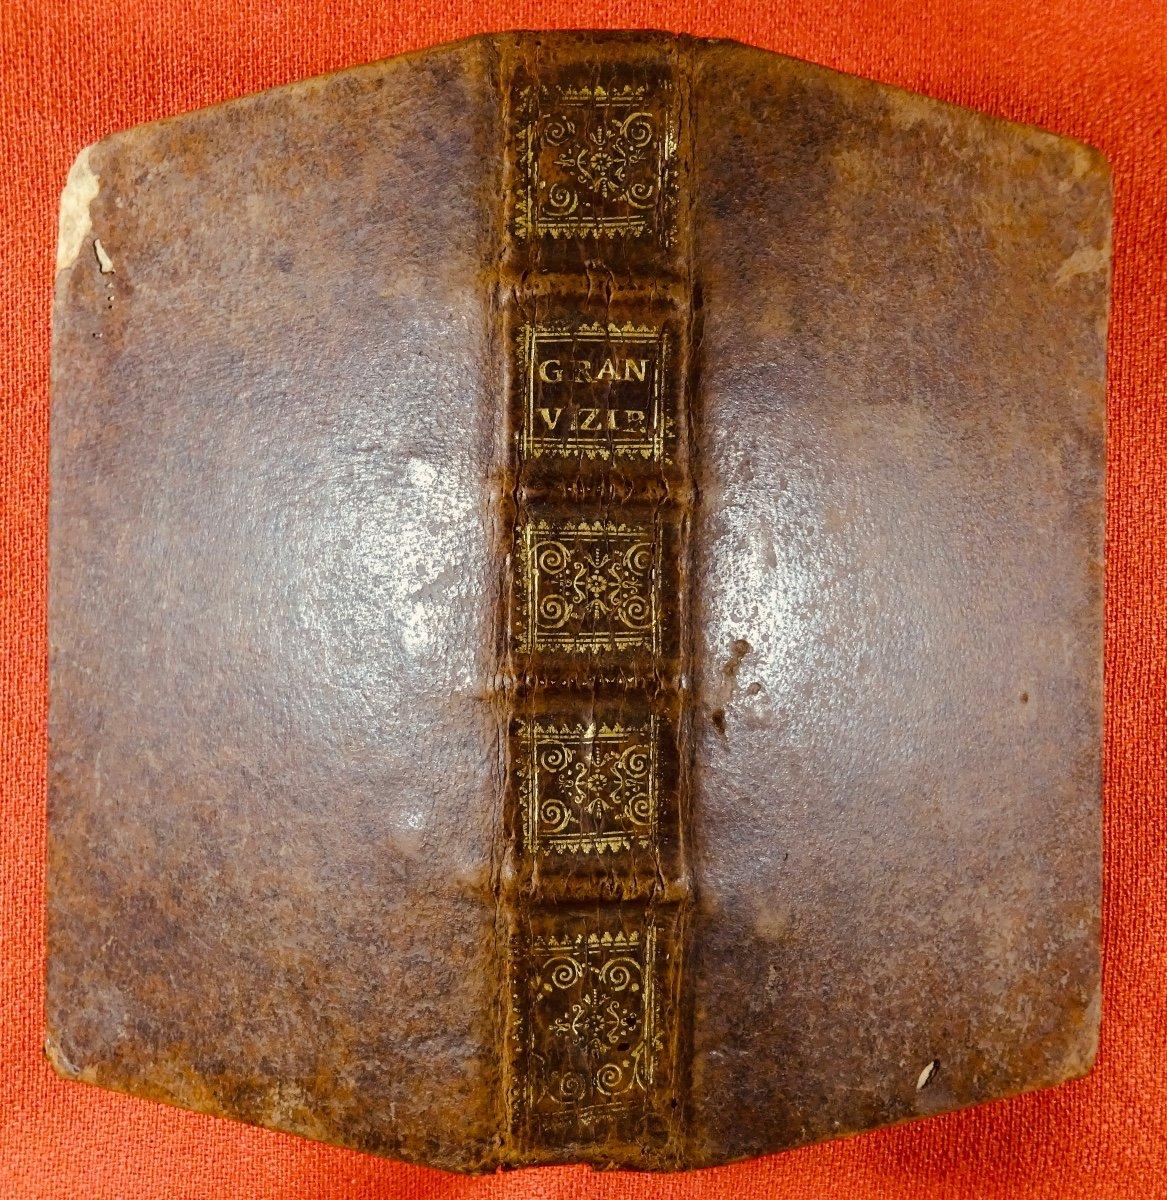 [chassepol] - Histoire Des Grands Vizirs Mahomet Coprogli-pacha, Et Ahcmet Coprogli-pacha. 1676-photo-7